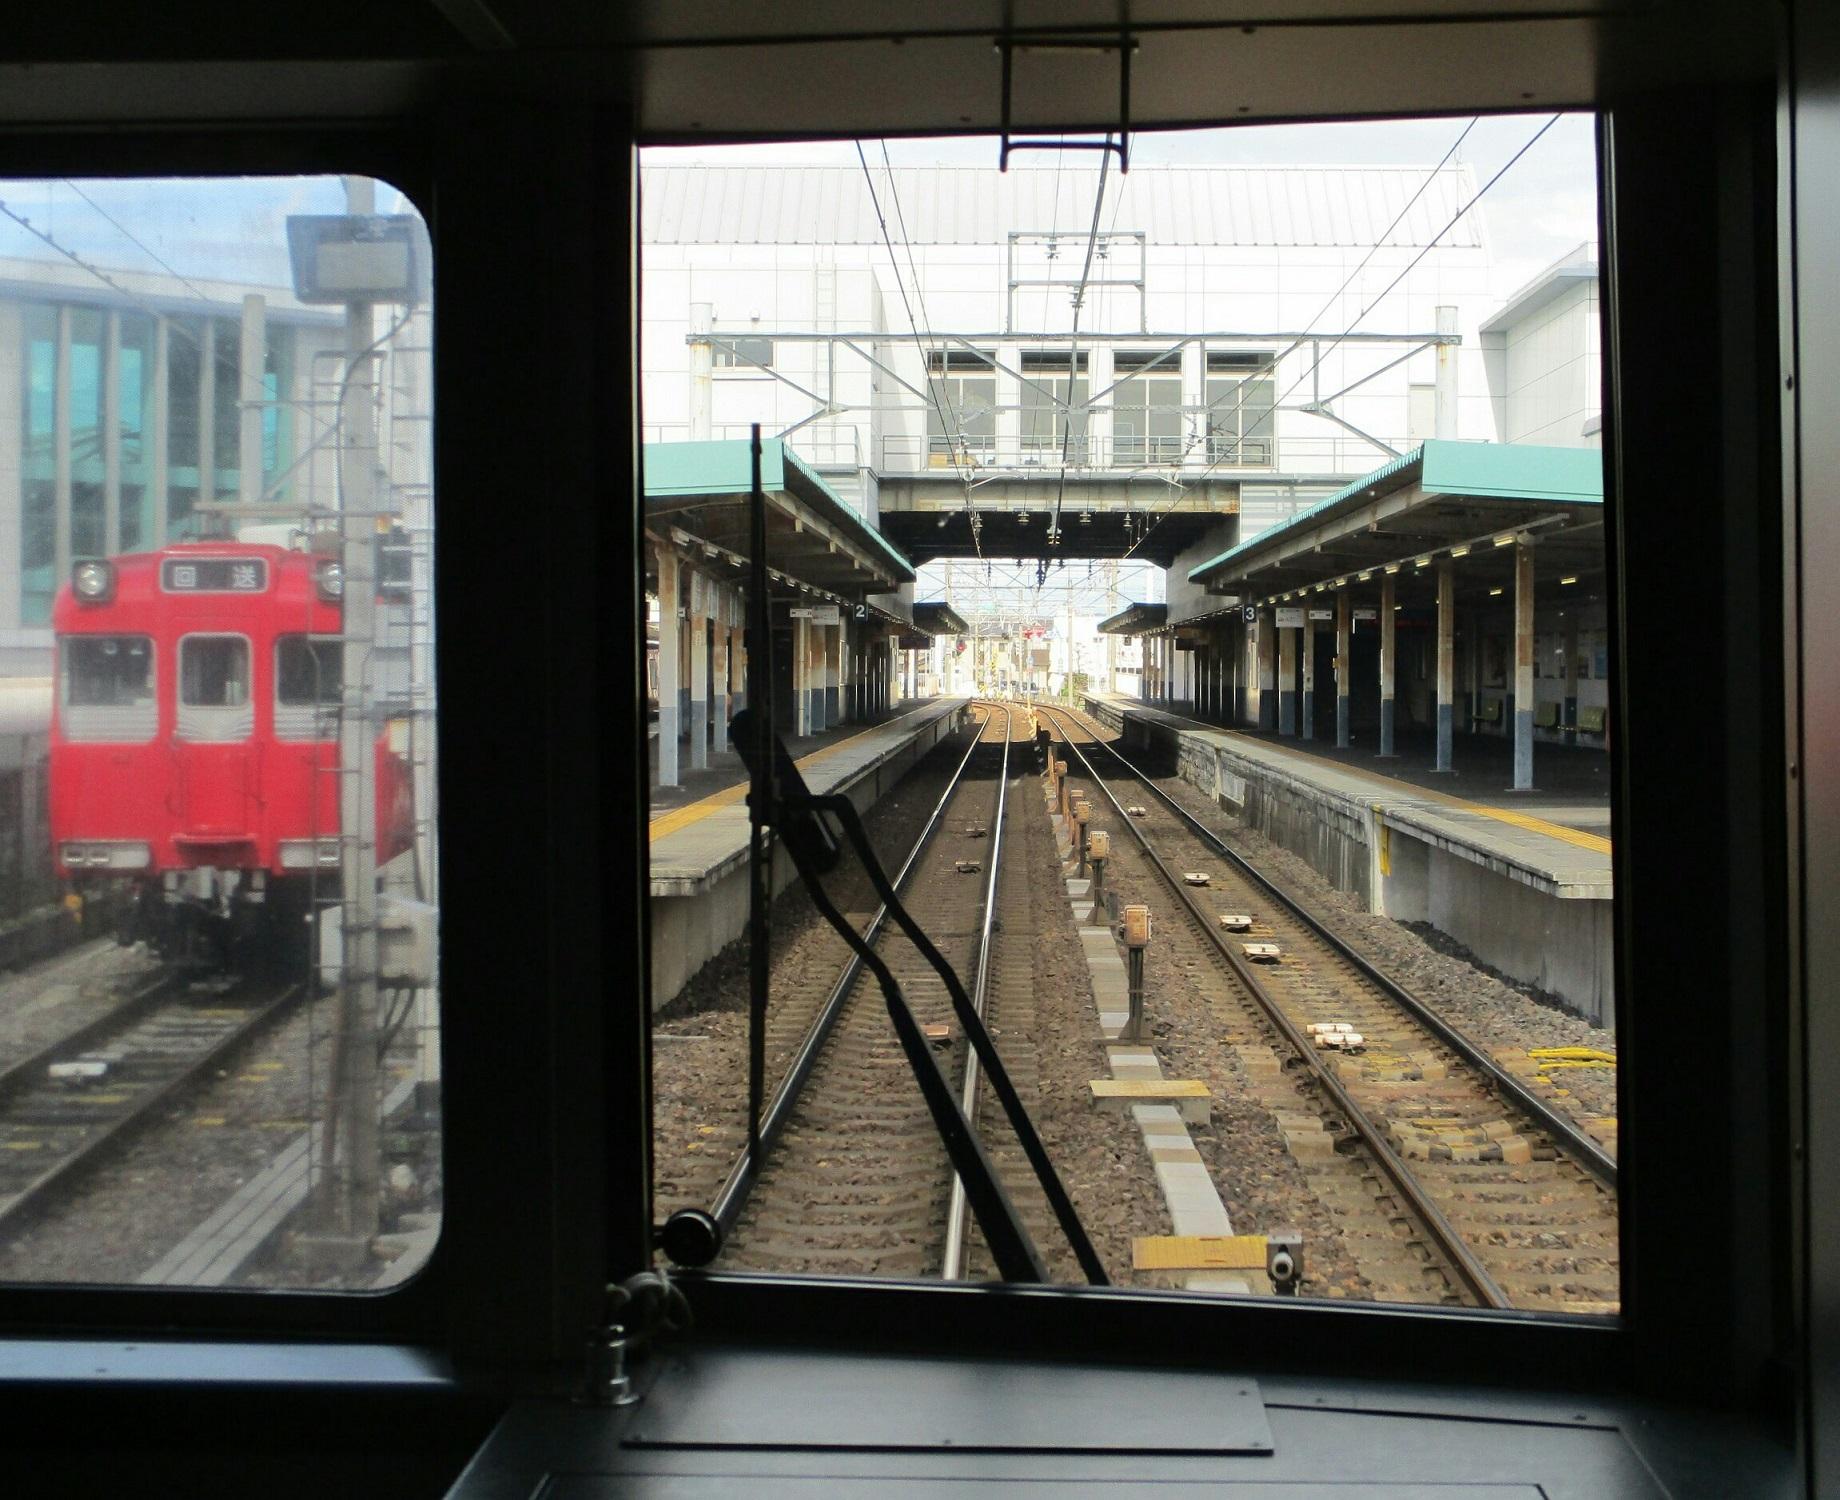 2018.6.30 (12) 新鵜沼いき快速特急 - 柏森 1840-1500